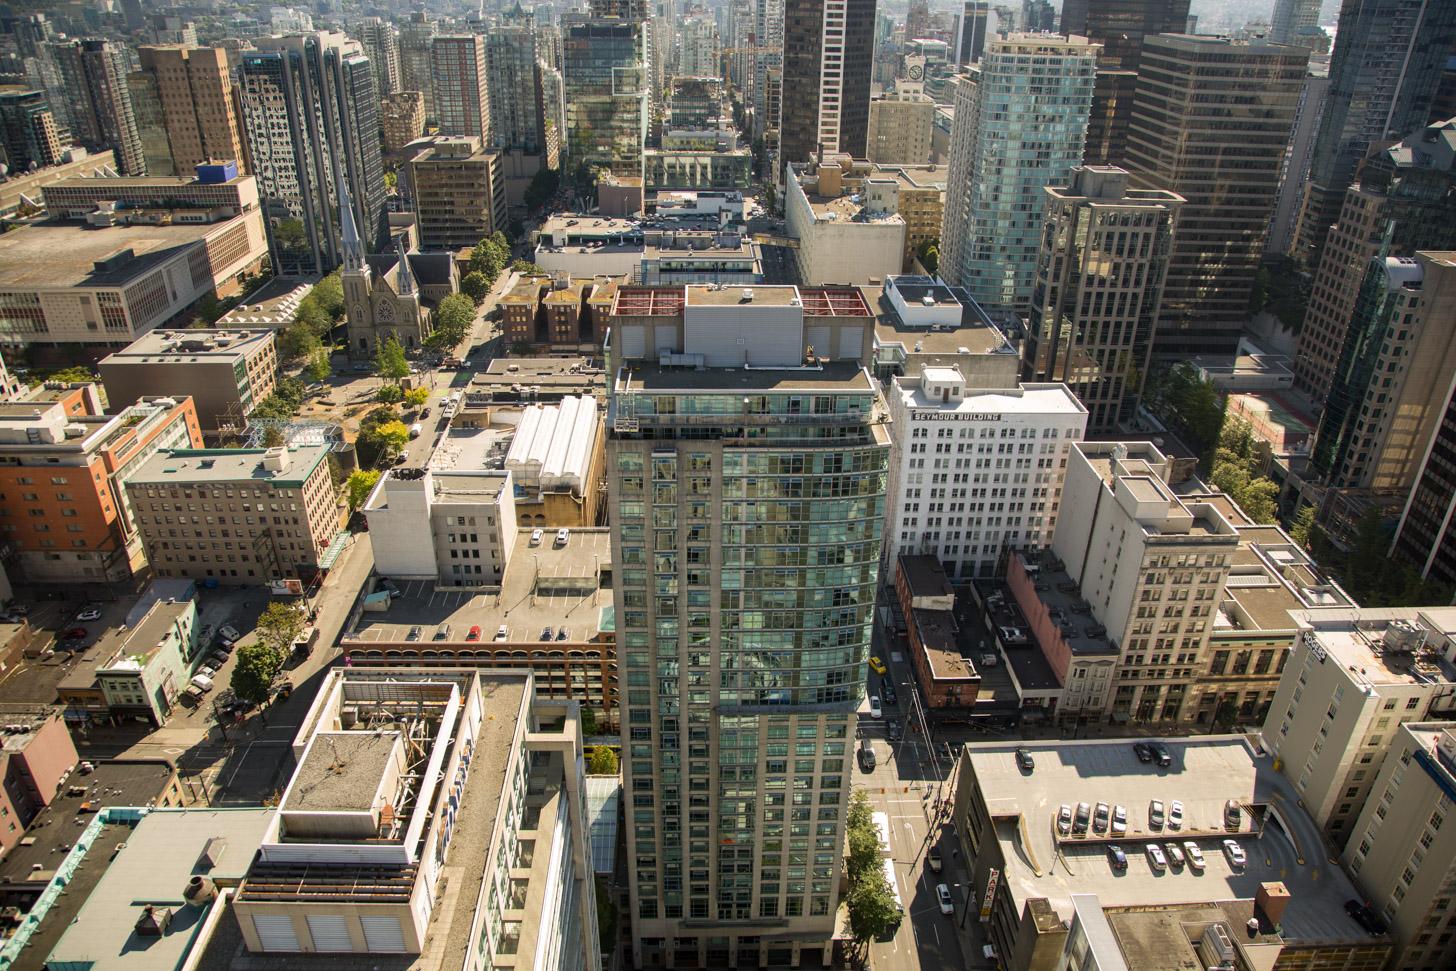 Vancouver van bovenaf gezien